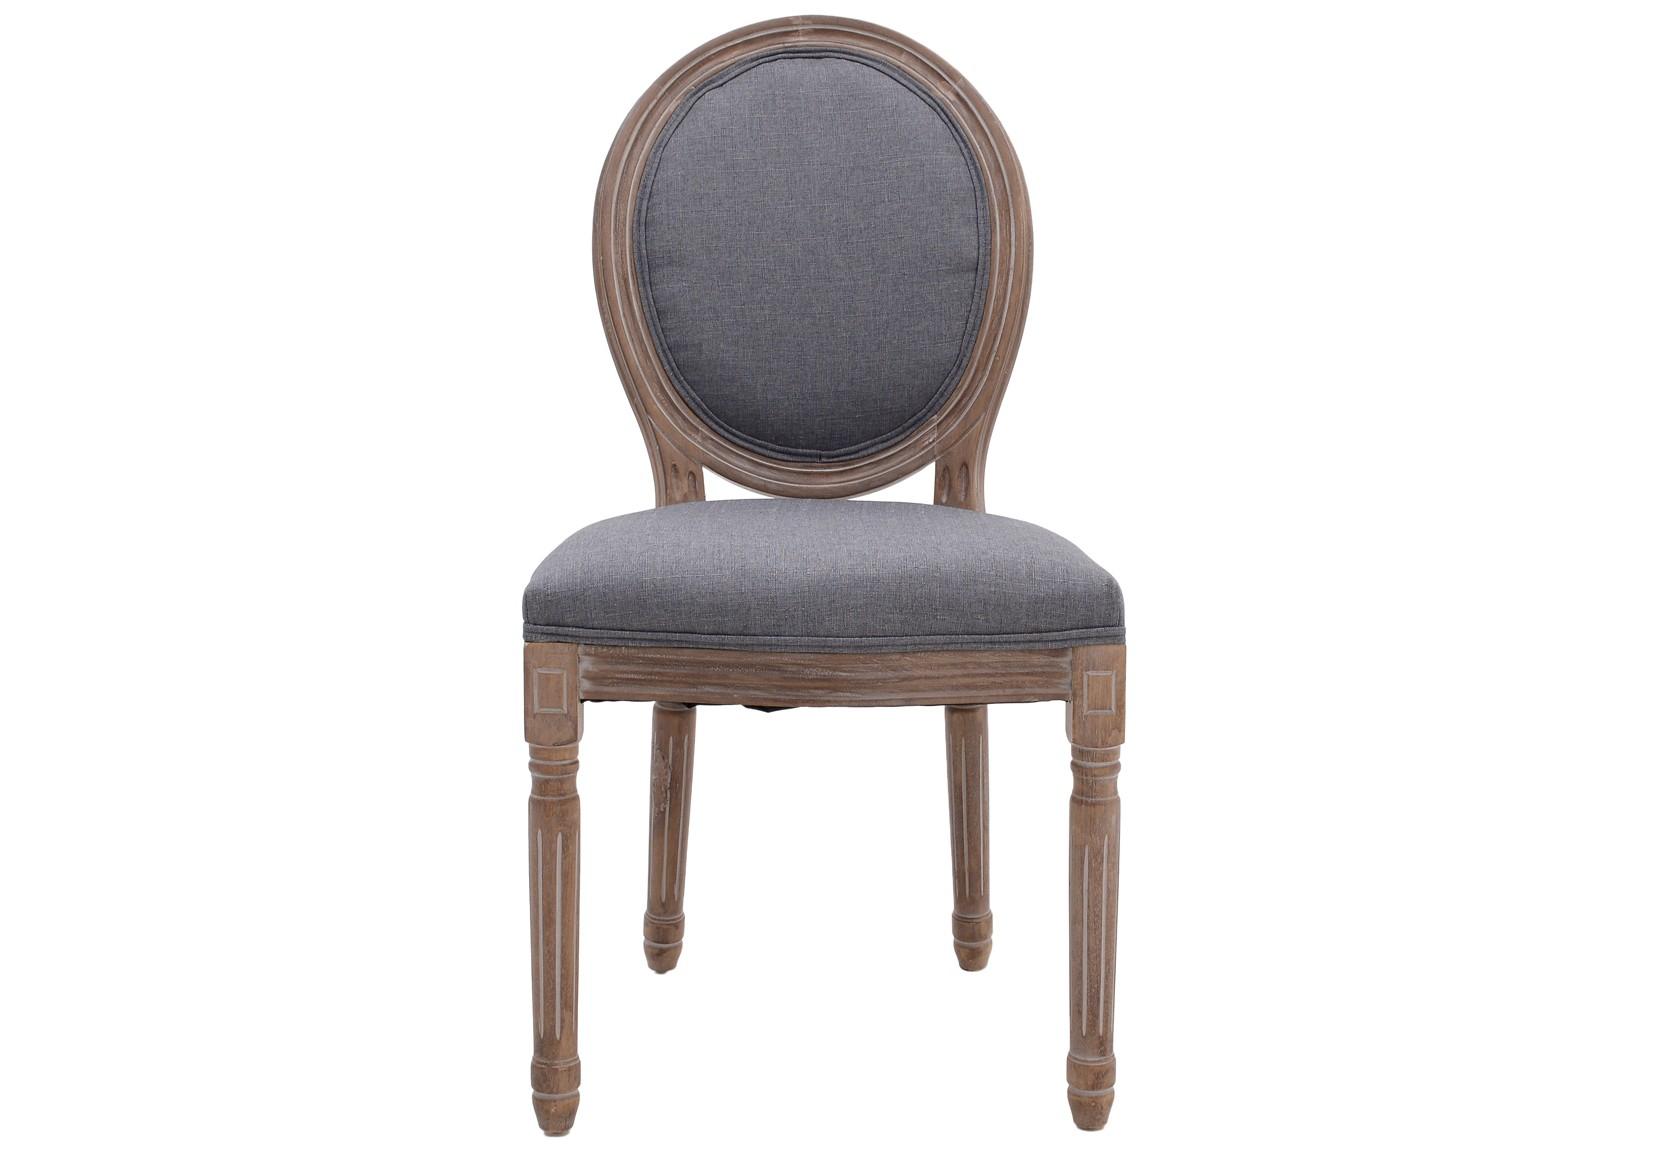 Стул AlessandraОбеденные стулья<br>Материал: каучуковое дерево, лен, хлопок, полиэстер.<br><br>Material: Лен<br>Ширина см: 50<br>Высота см: 95<br>Глубина см: 61